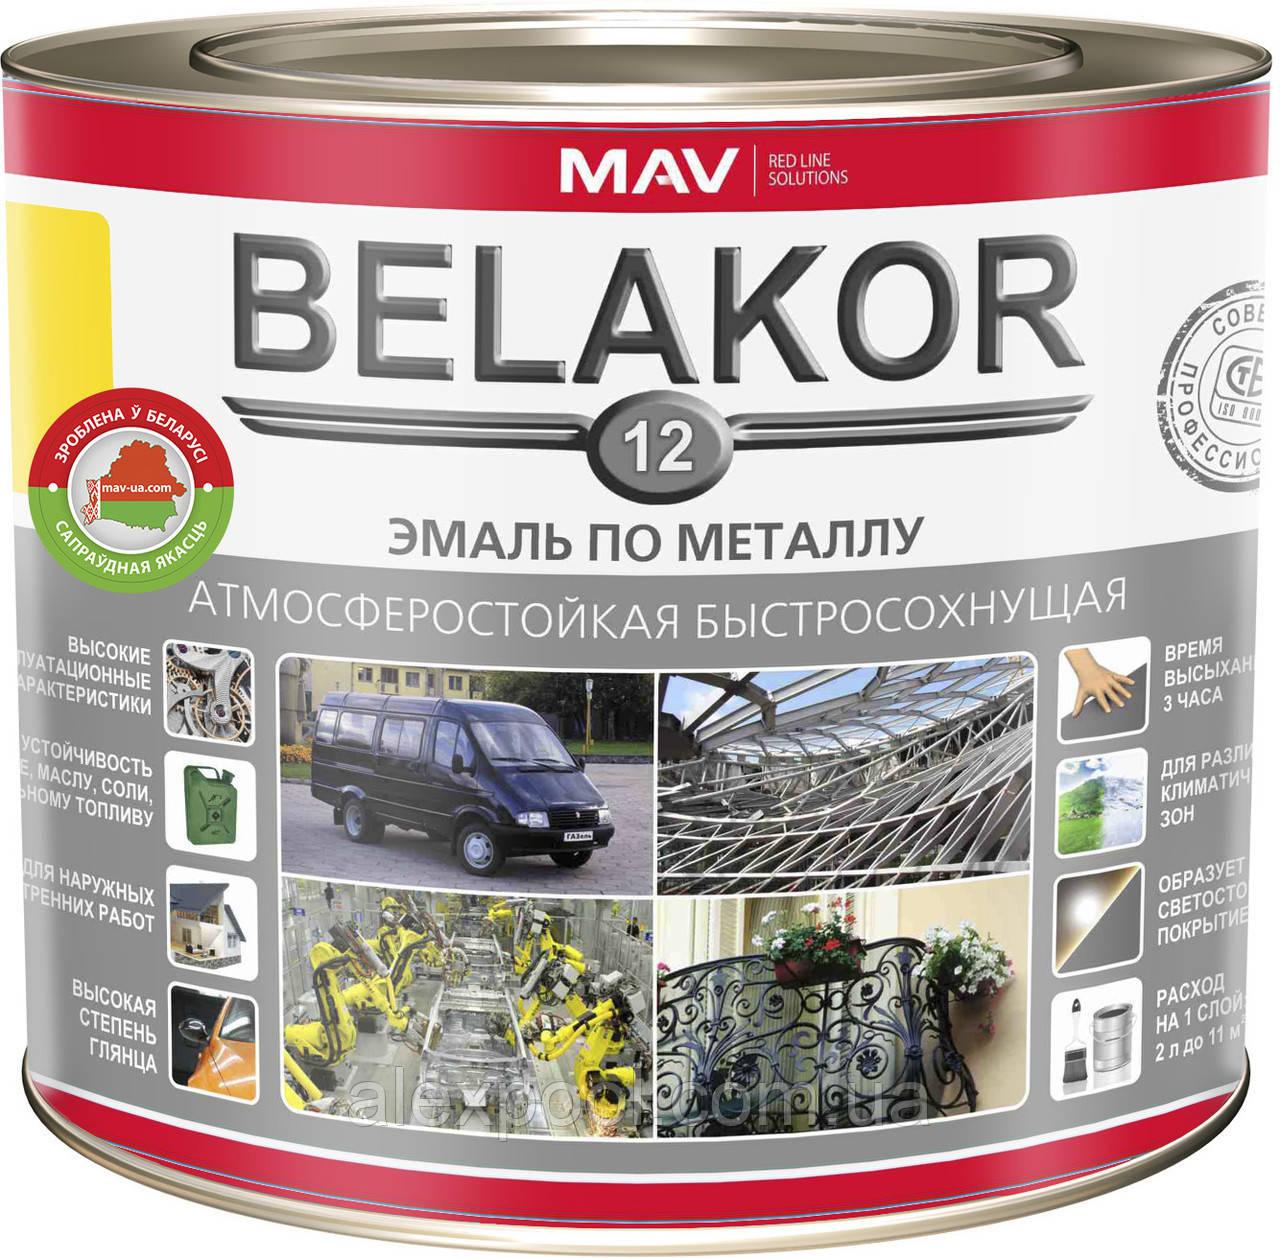 Емаль MAV BELAKOR 12 по металу атмосферостійка швидковисихаюча Синьо-зелена RAL 5021 2,4 літра